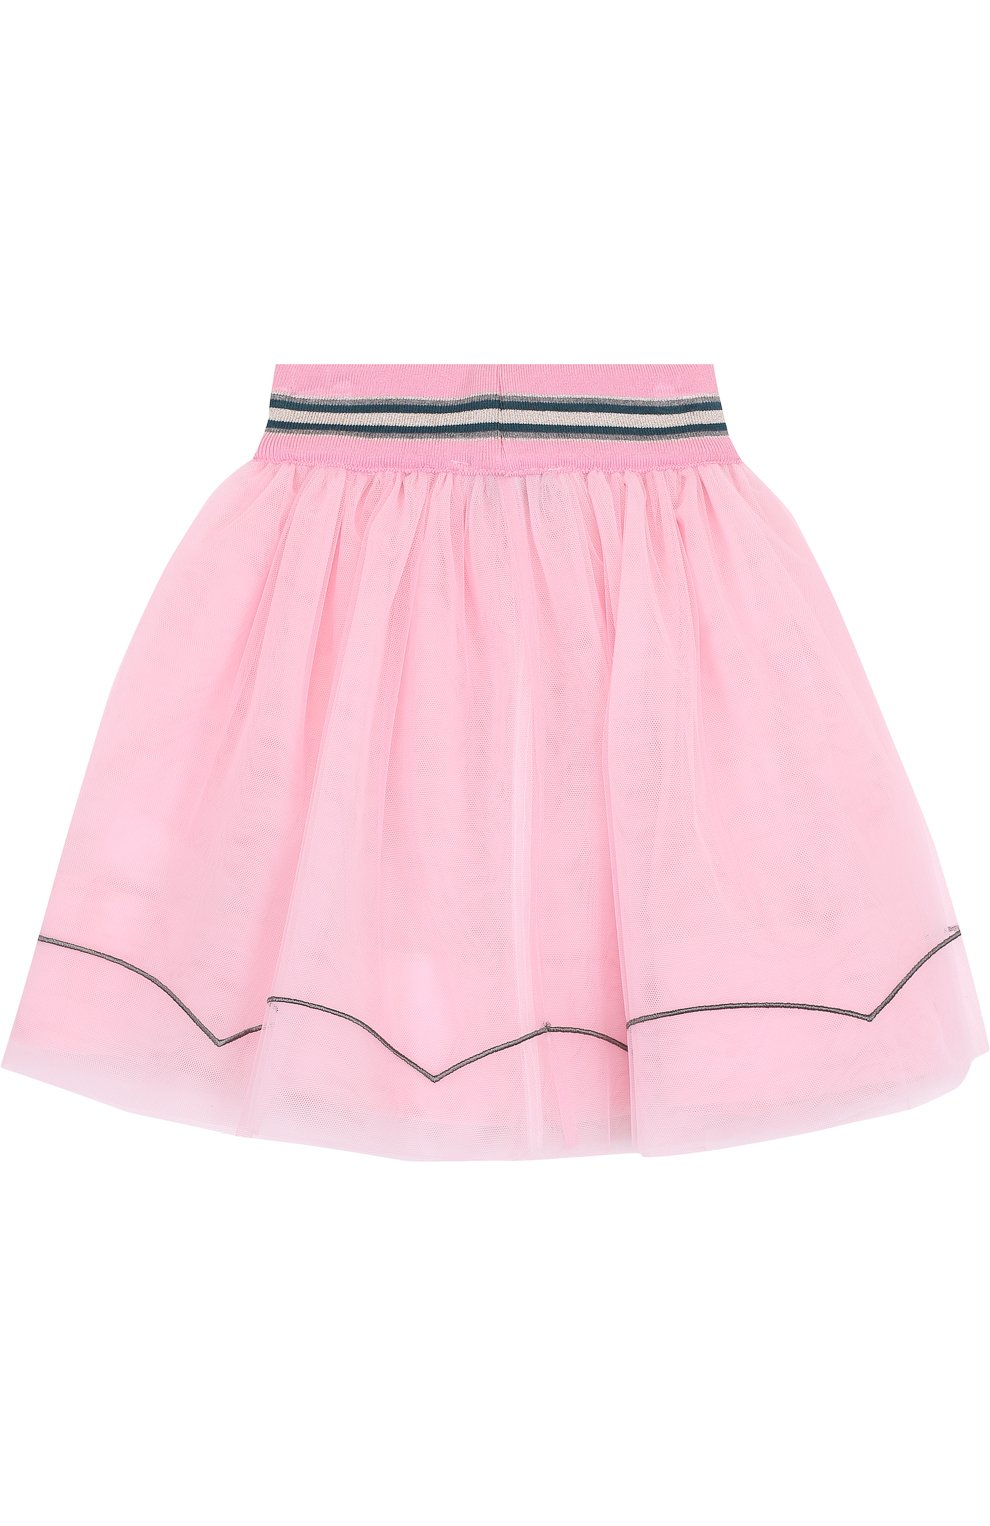 Многослойная юбка с аппликациями и широким эластичным поясом | Фото №2